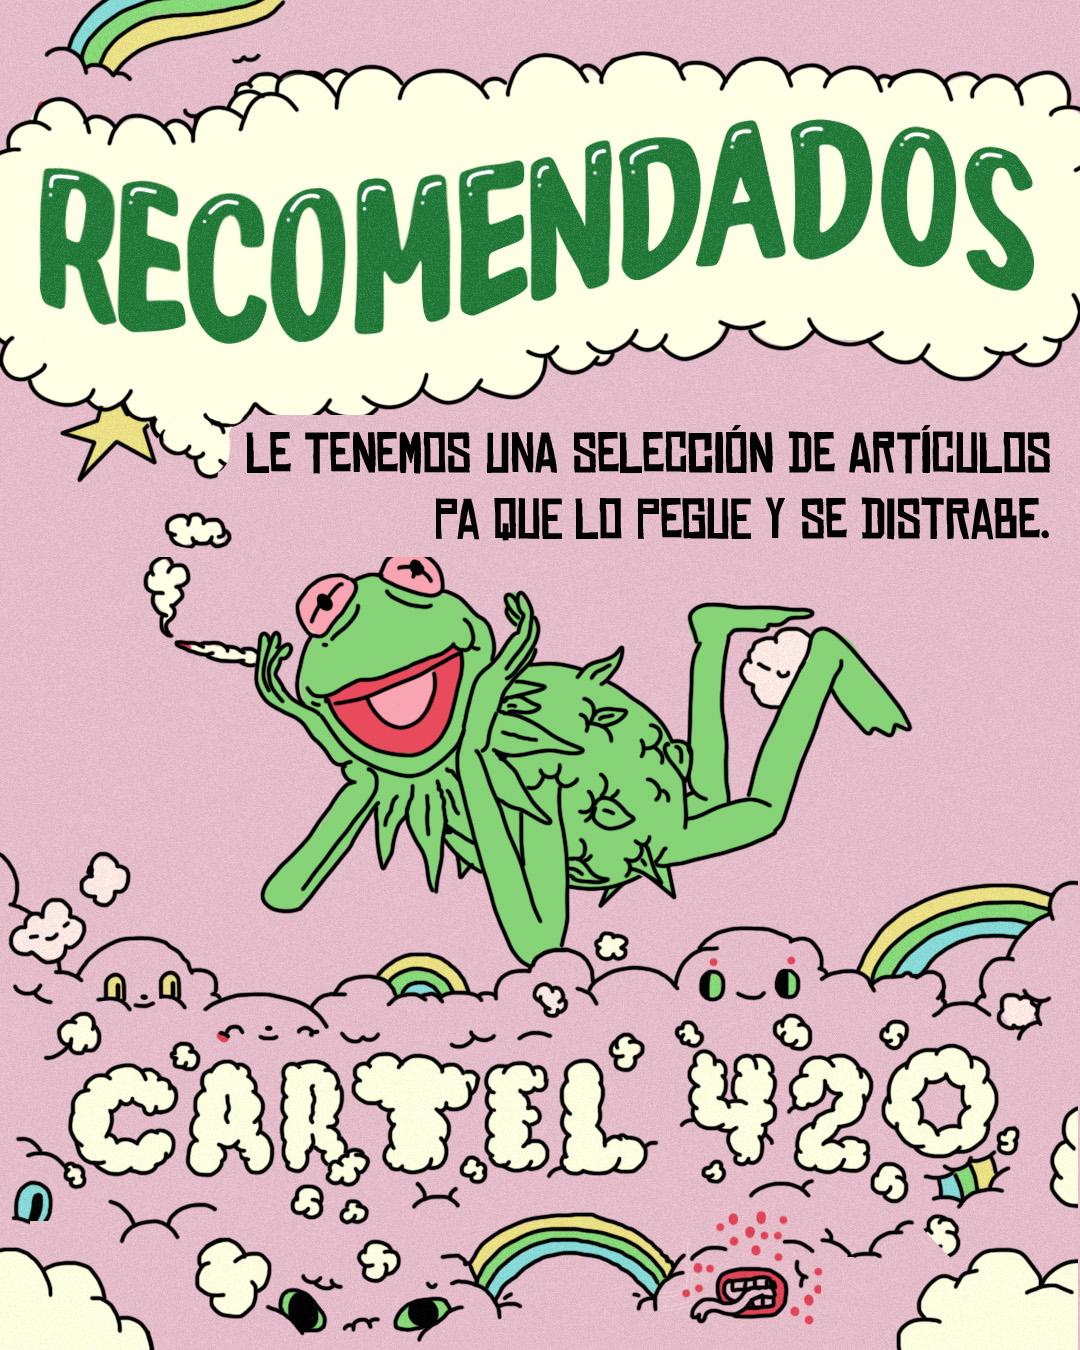 recomendados_420_portada.jpg